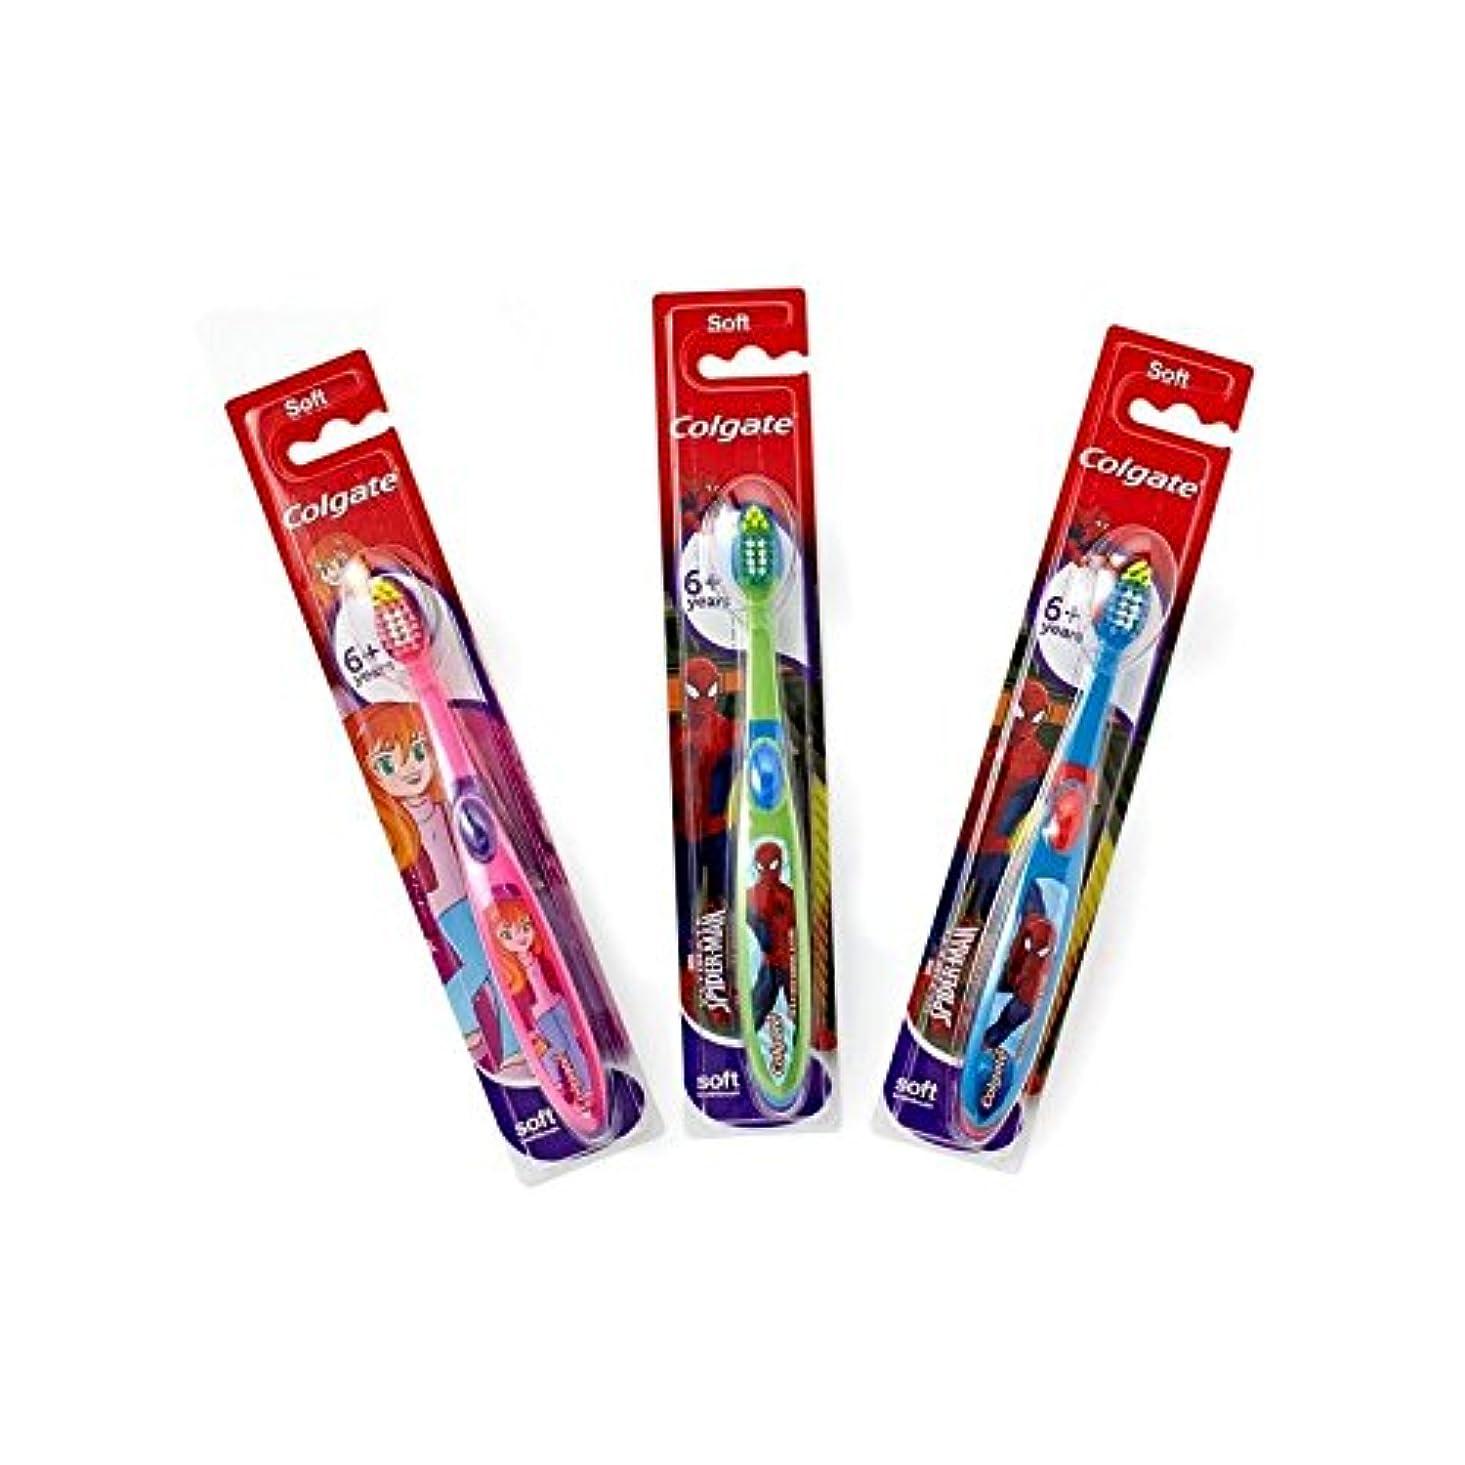 有彩色の話をするエンドテーブル6+年の歯ブラシを笑顔 (Colgate) (x 6) - Colgate Smiles 6+ Years Toothbrush (Pack of 6) [並行輸入品]